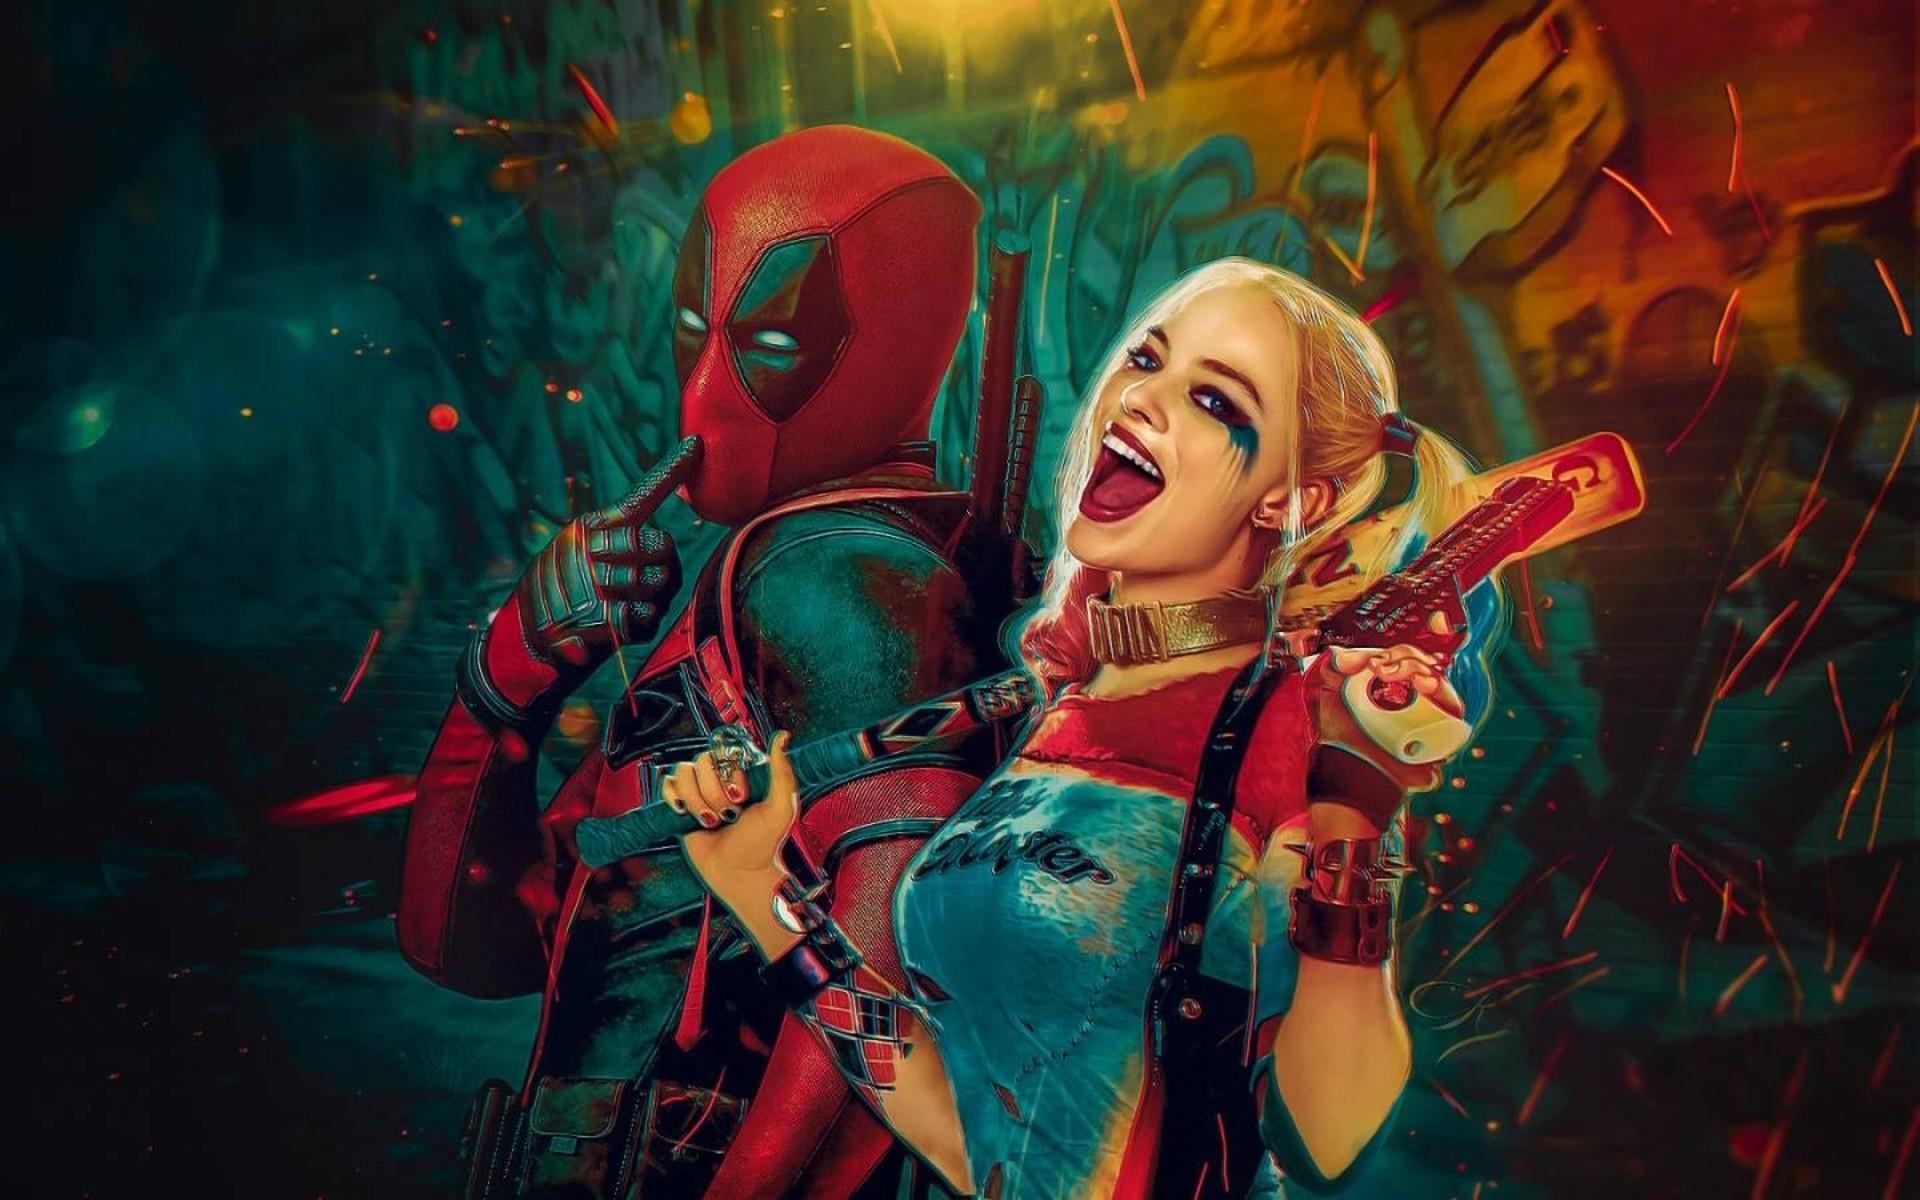 General Harley Quinn Deadpool Marvel Comics DC Comics